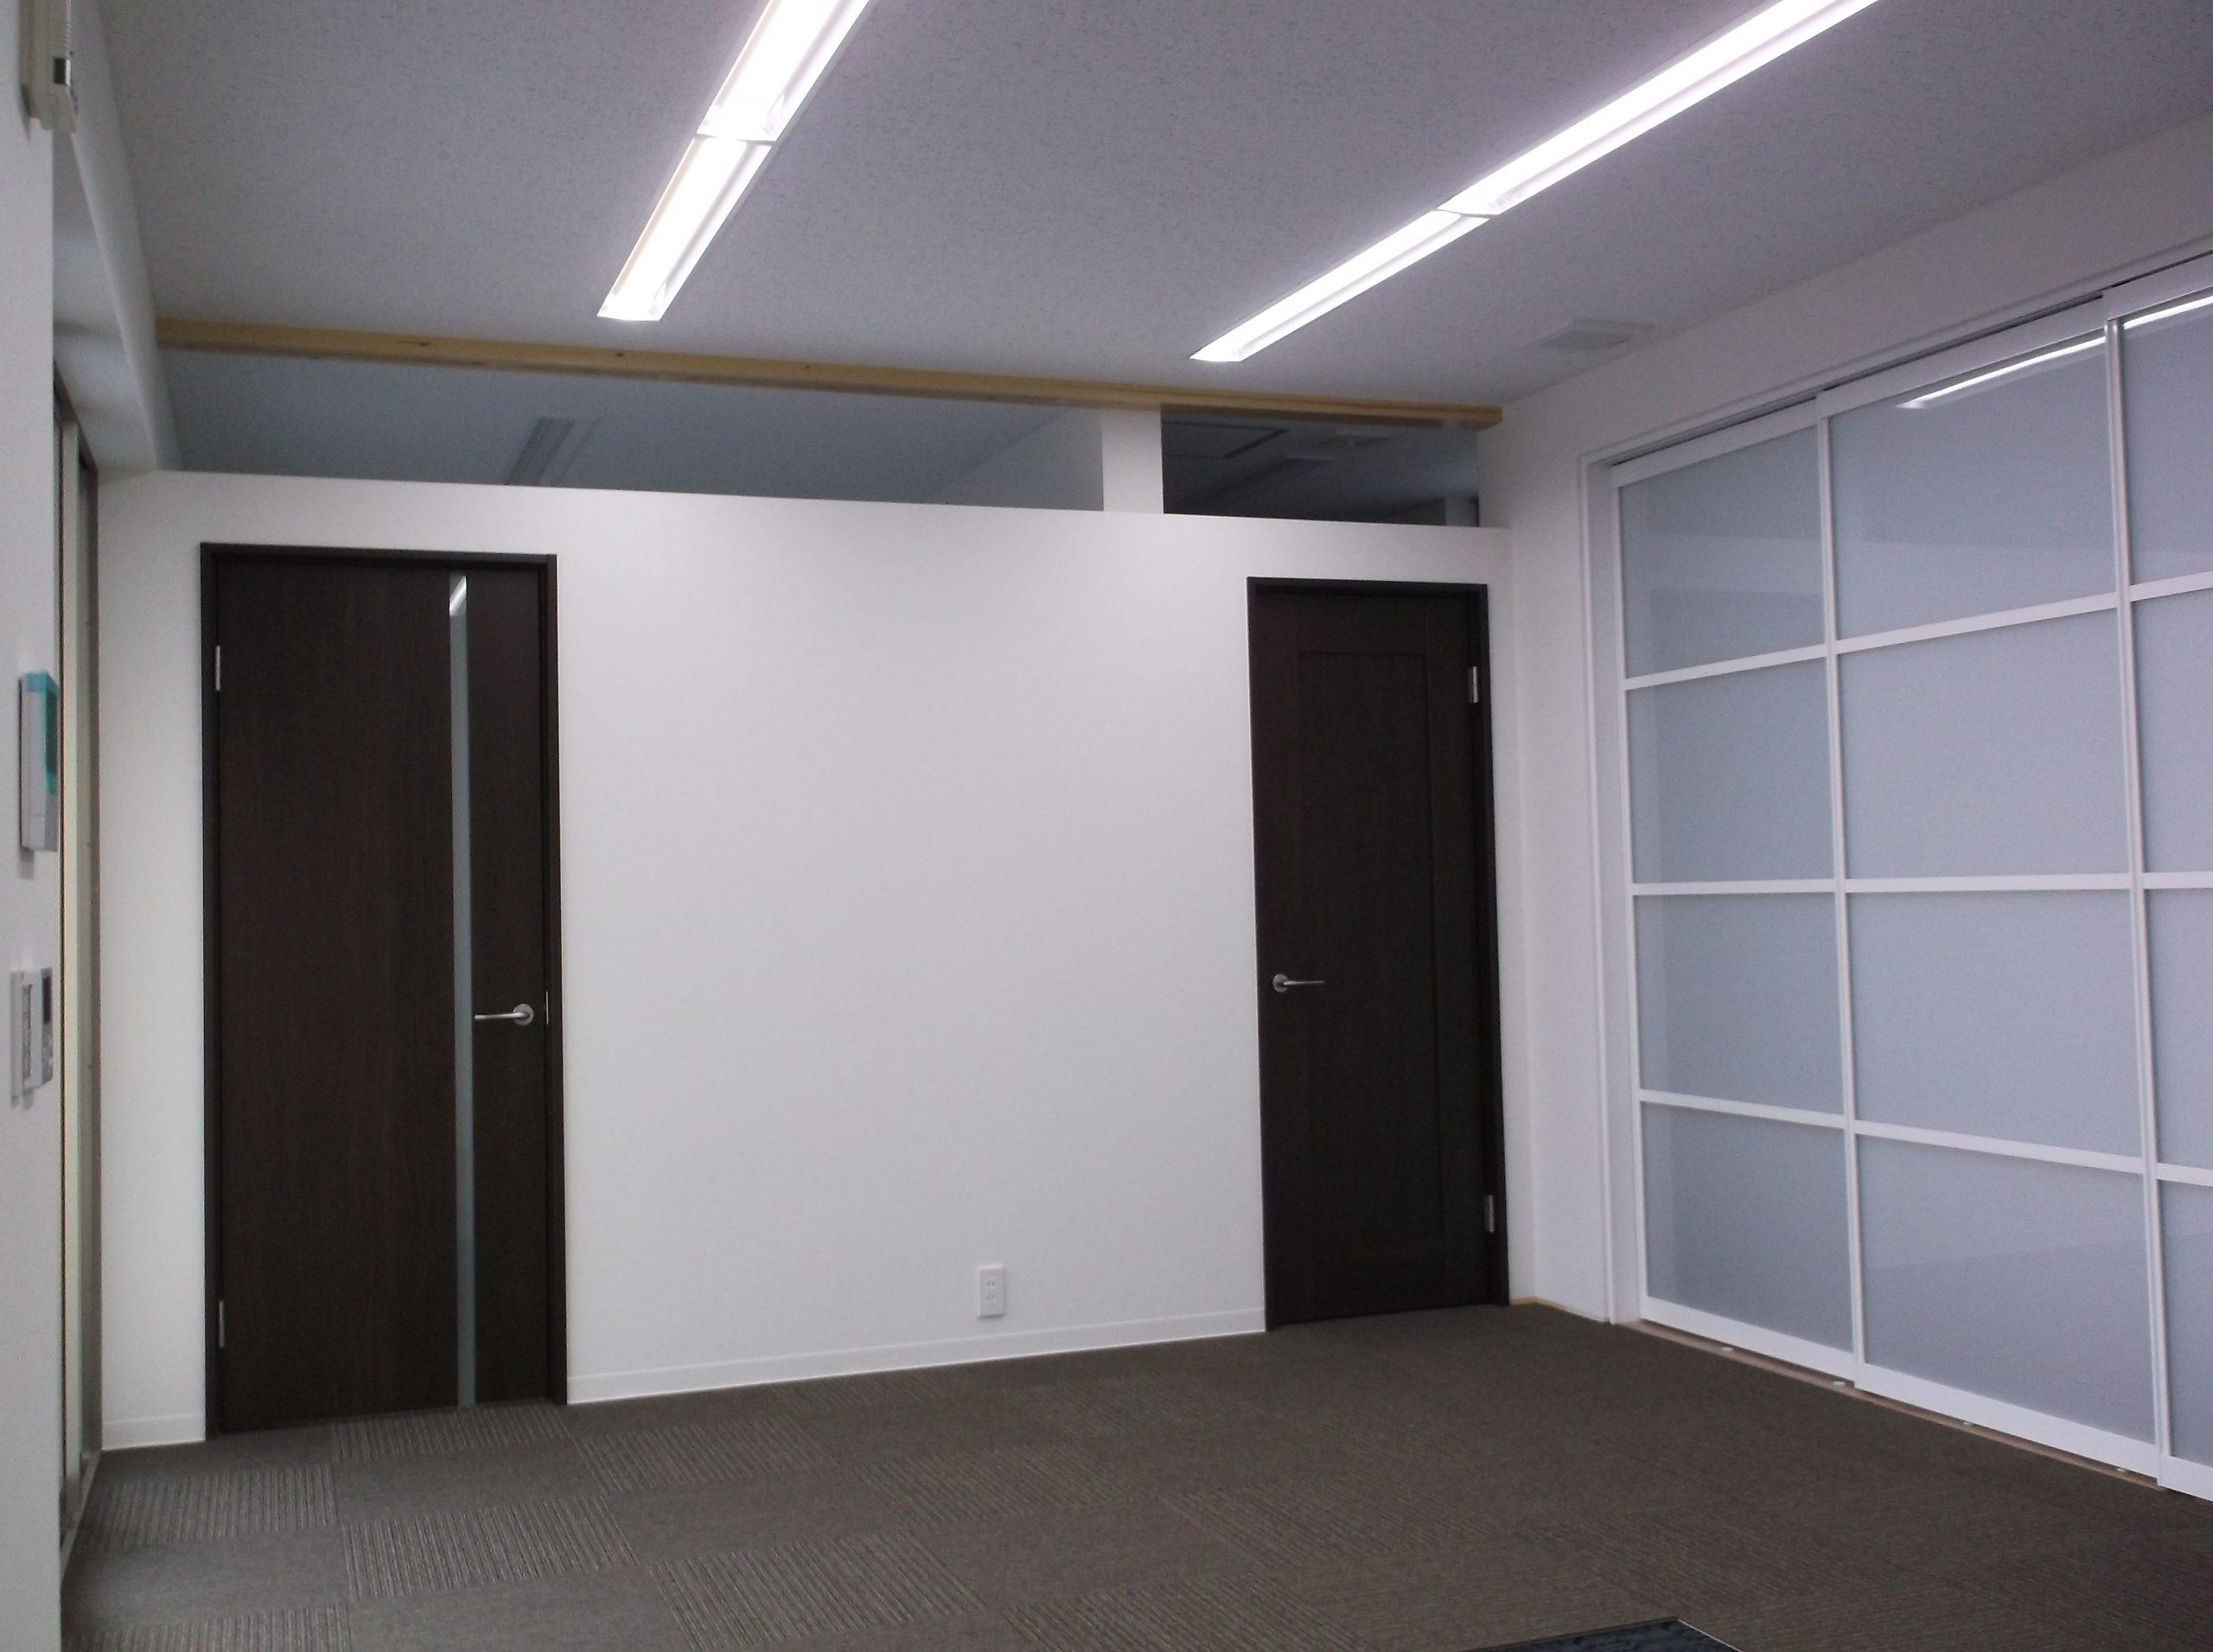 青垣様事務所